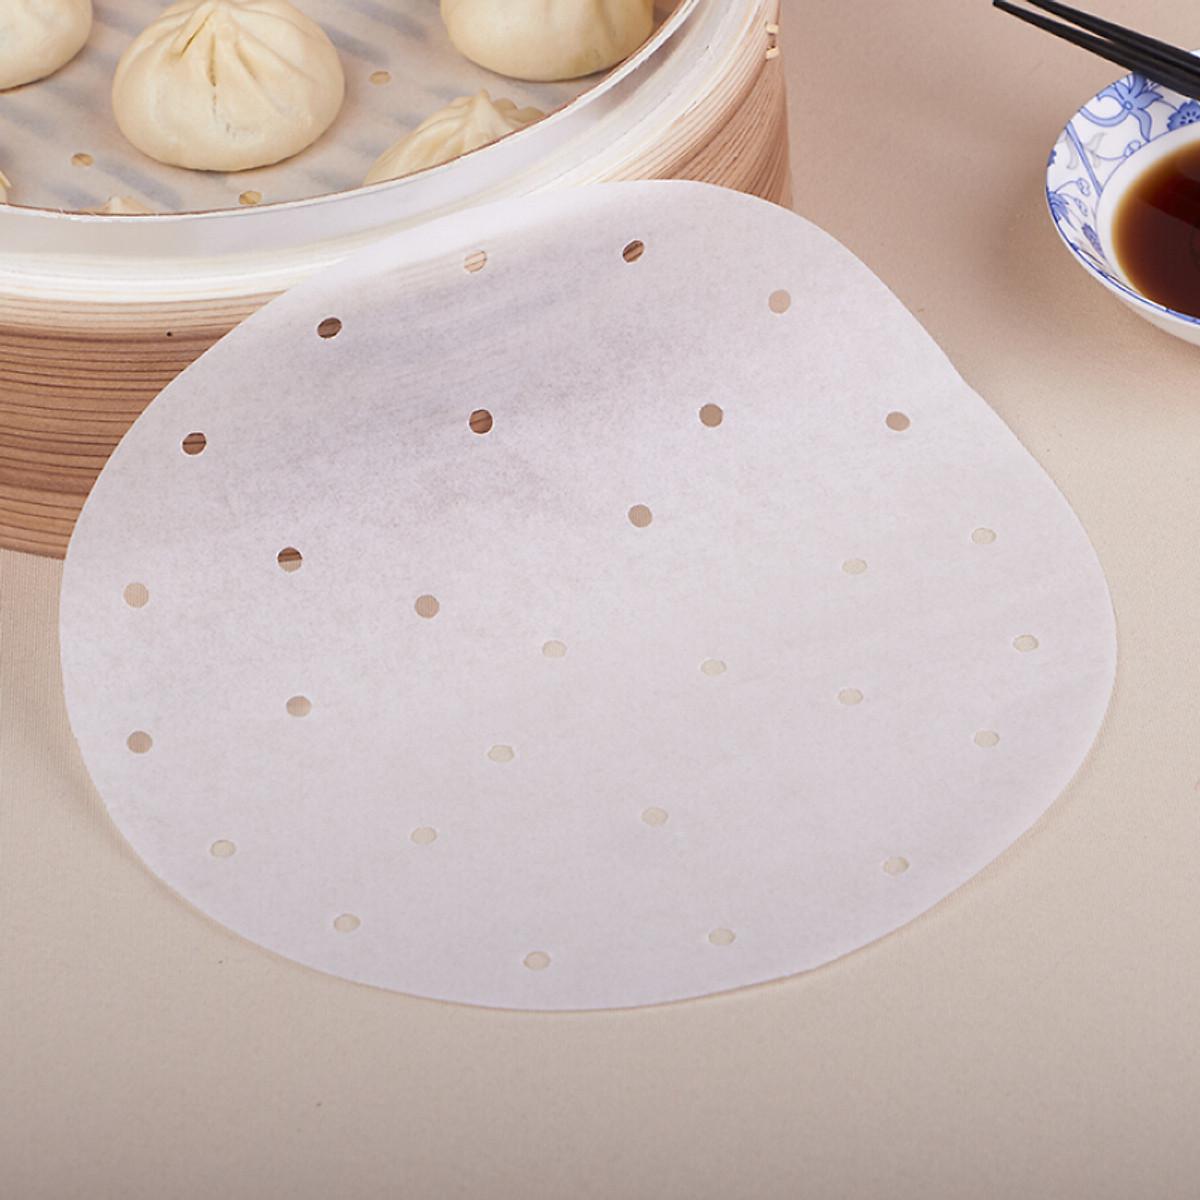 Giấy nến đục lỗ lót nồi chiên không dầu loại 4 lít, 4.5 lít, 5 lít, 6.5 lít - Size 21cm - 100 tờ - siêu tiện dung